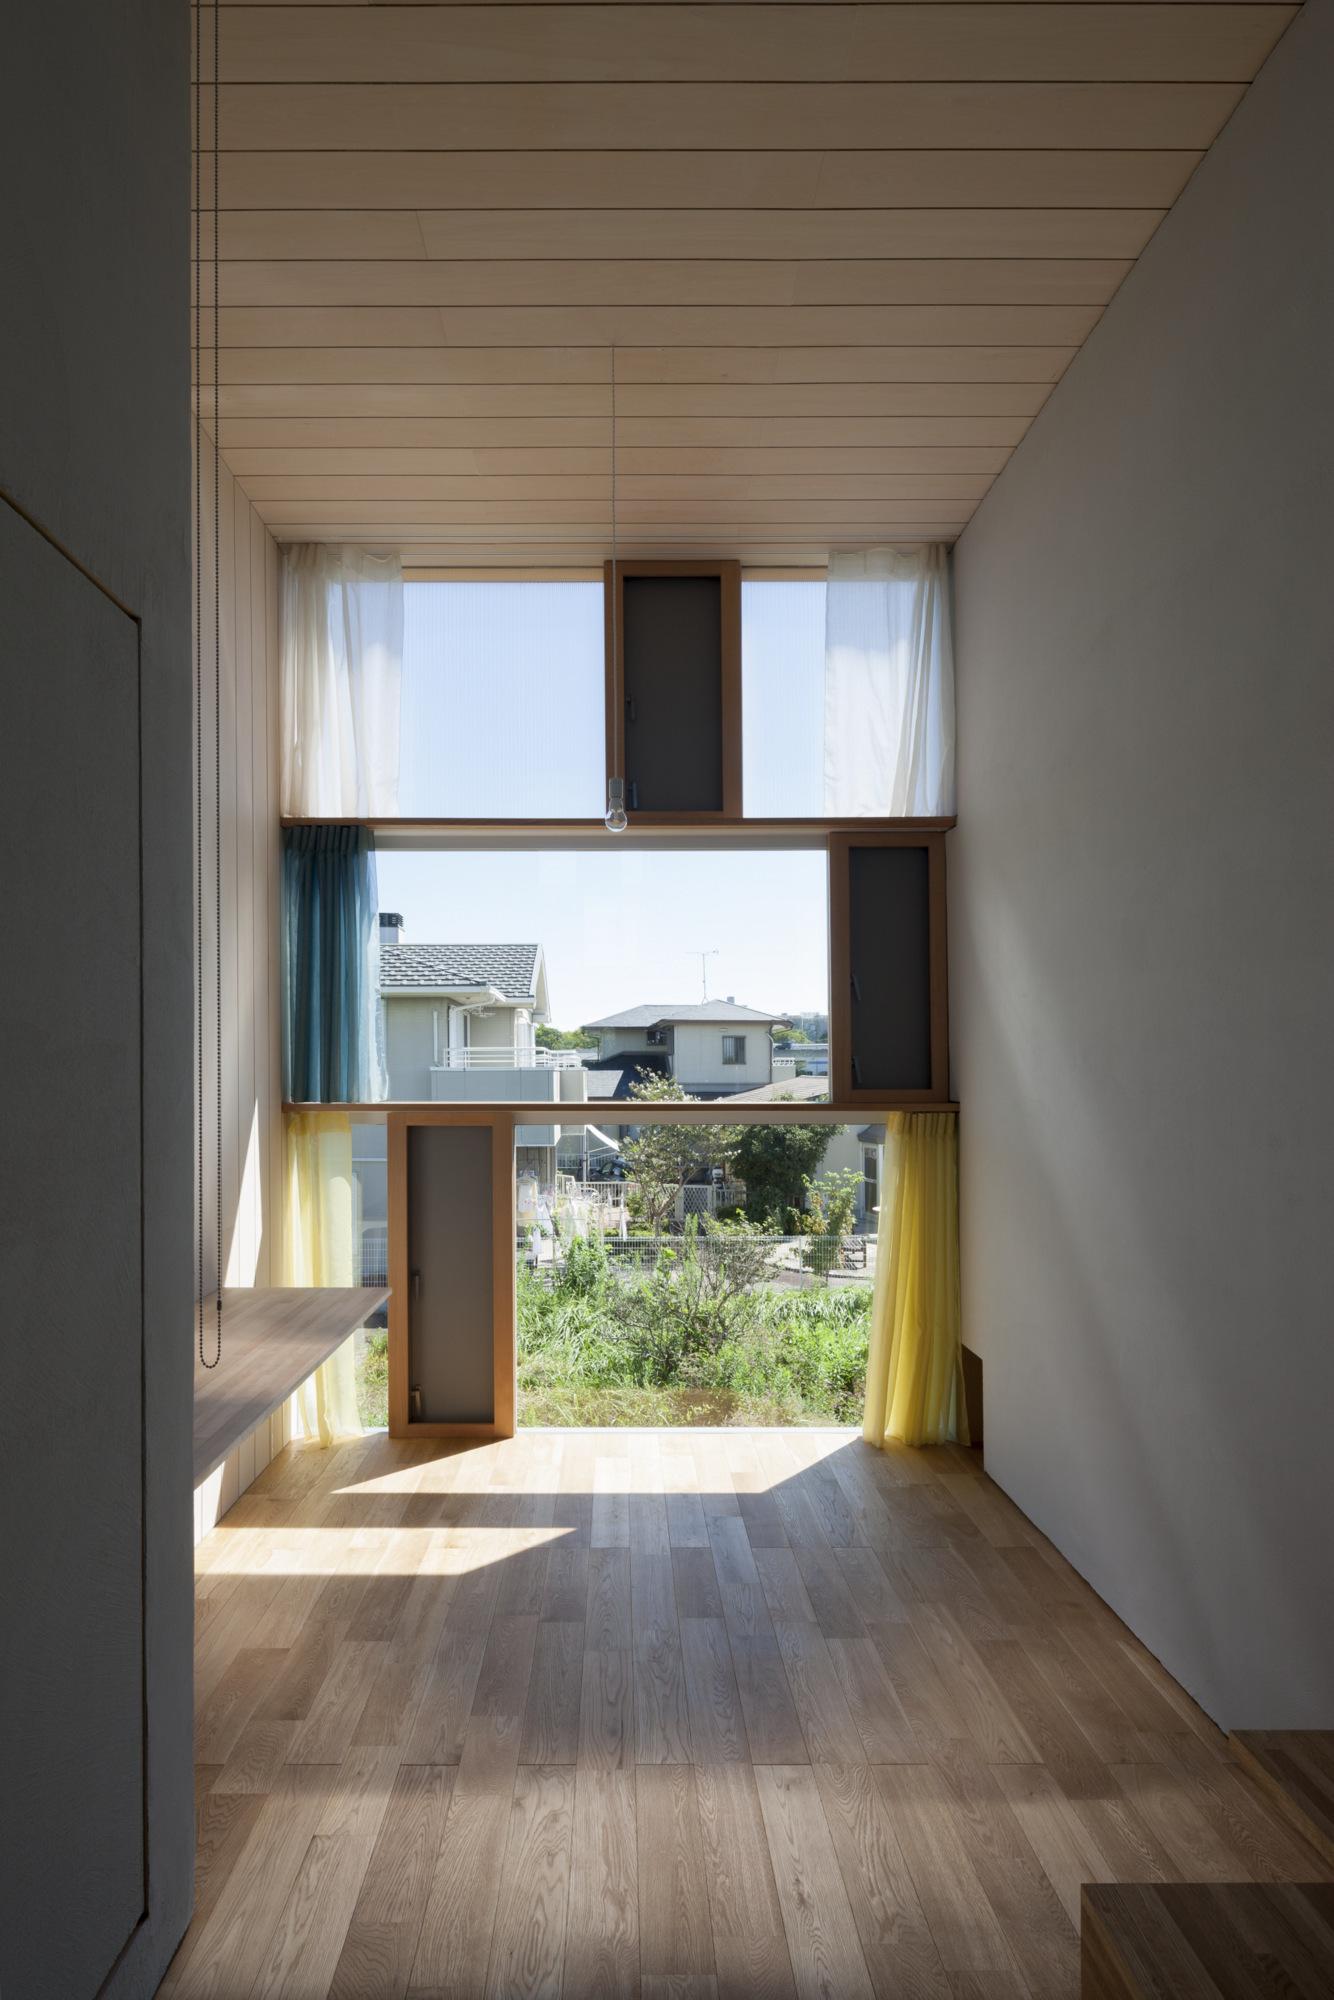 House Passage of Landscape / Ihrmk (9)